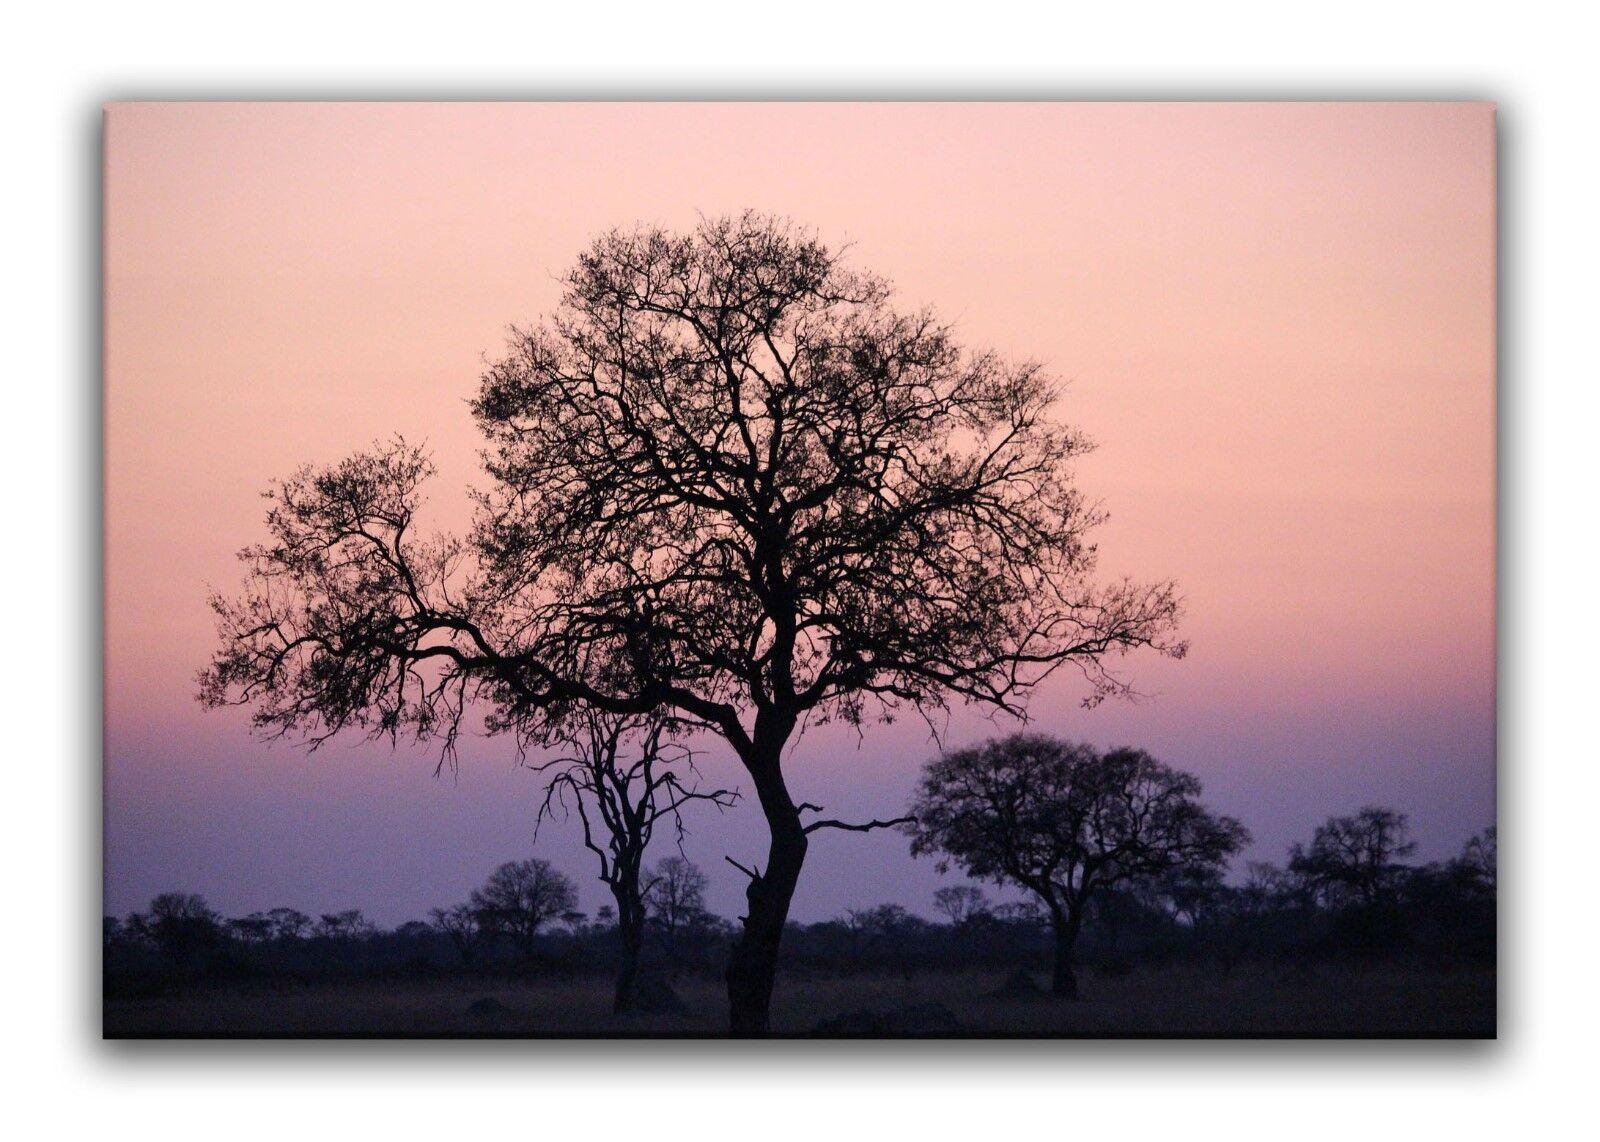 Leinwand Bild Wandbild Keilrahmenbild Afrika Safari Baum Sonnenuntergang Landsch